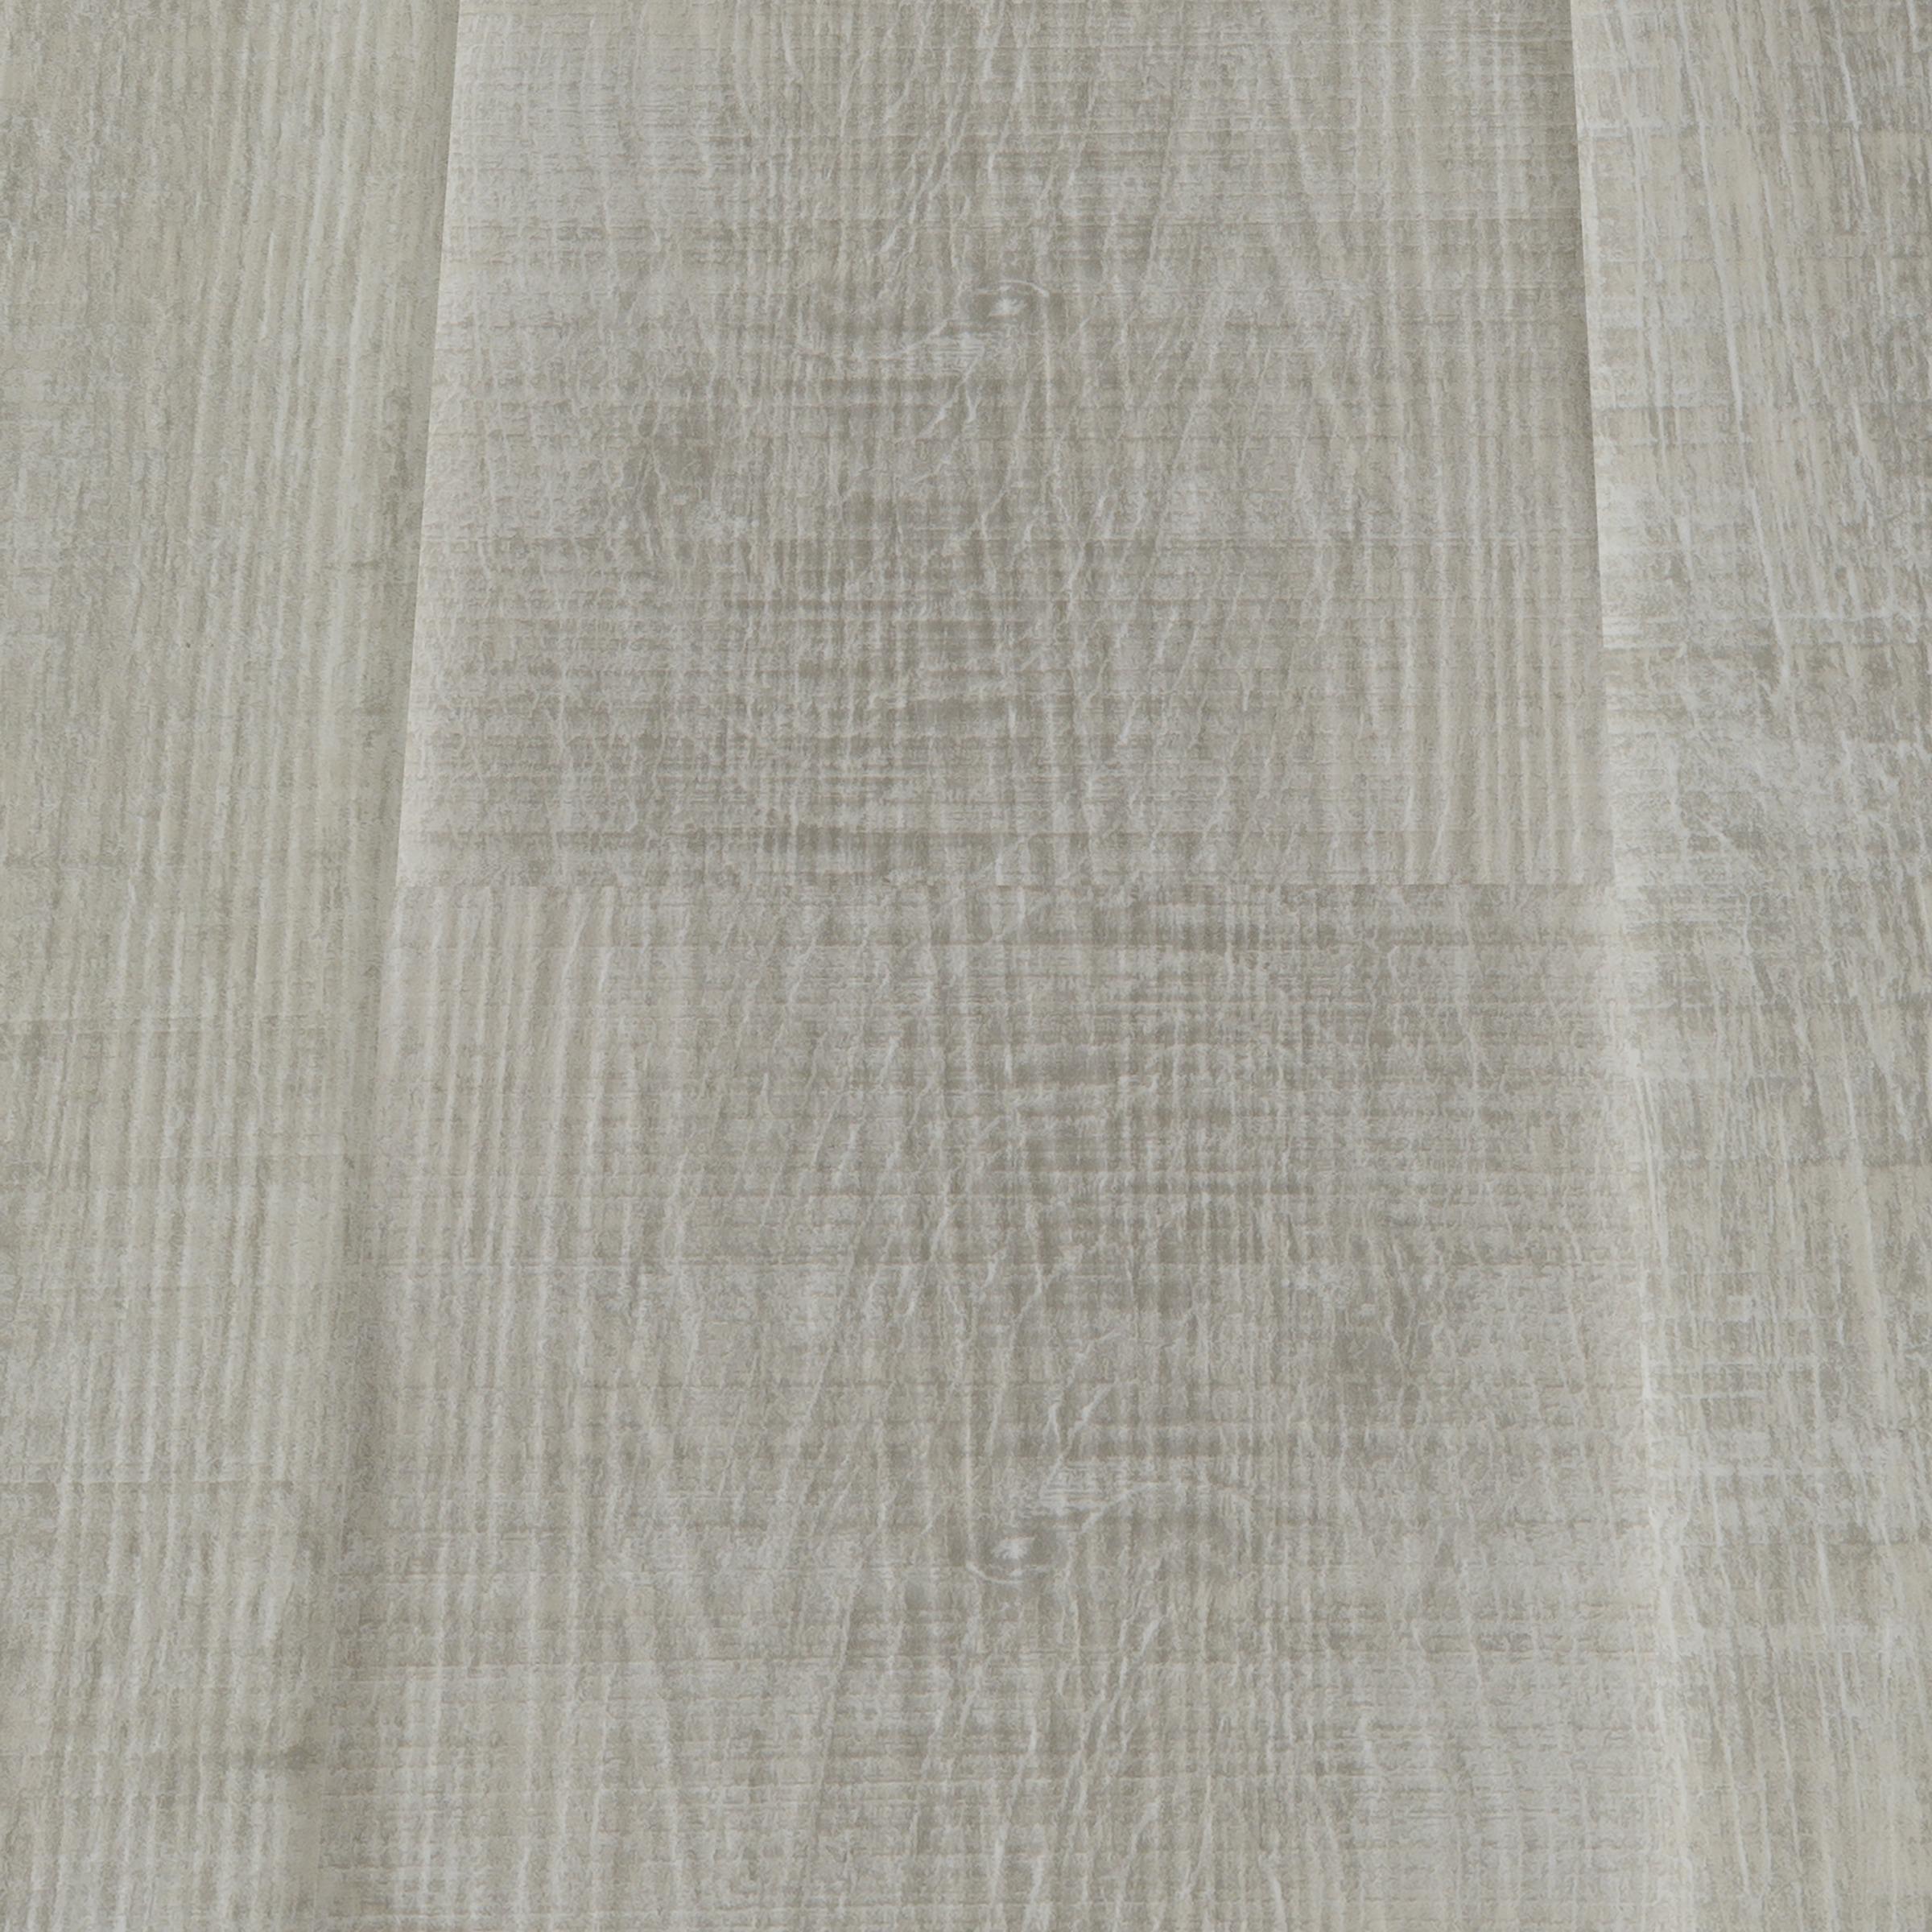 kunststof vloertegel wit eiken